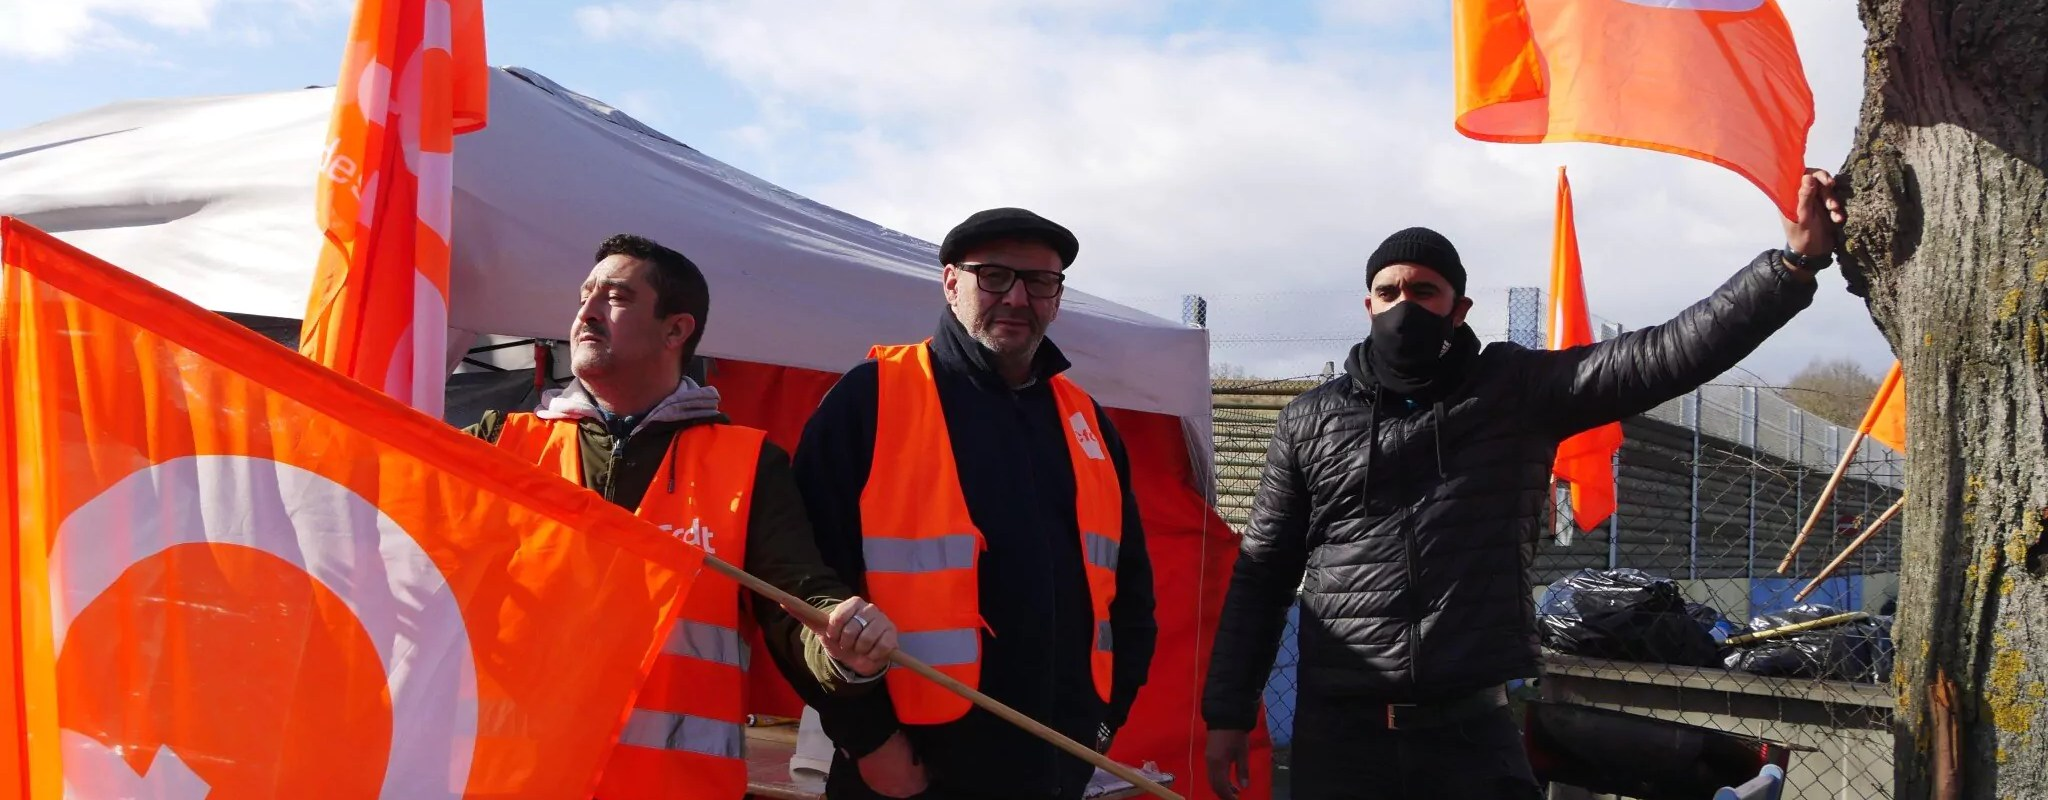 Des conducteurs de bus en grève pour plus d'équité sociale à Keolis Striebig